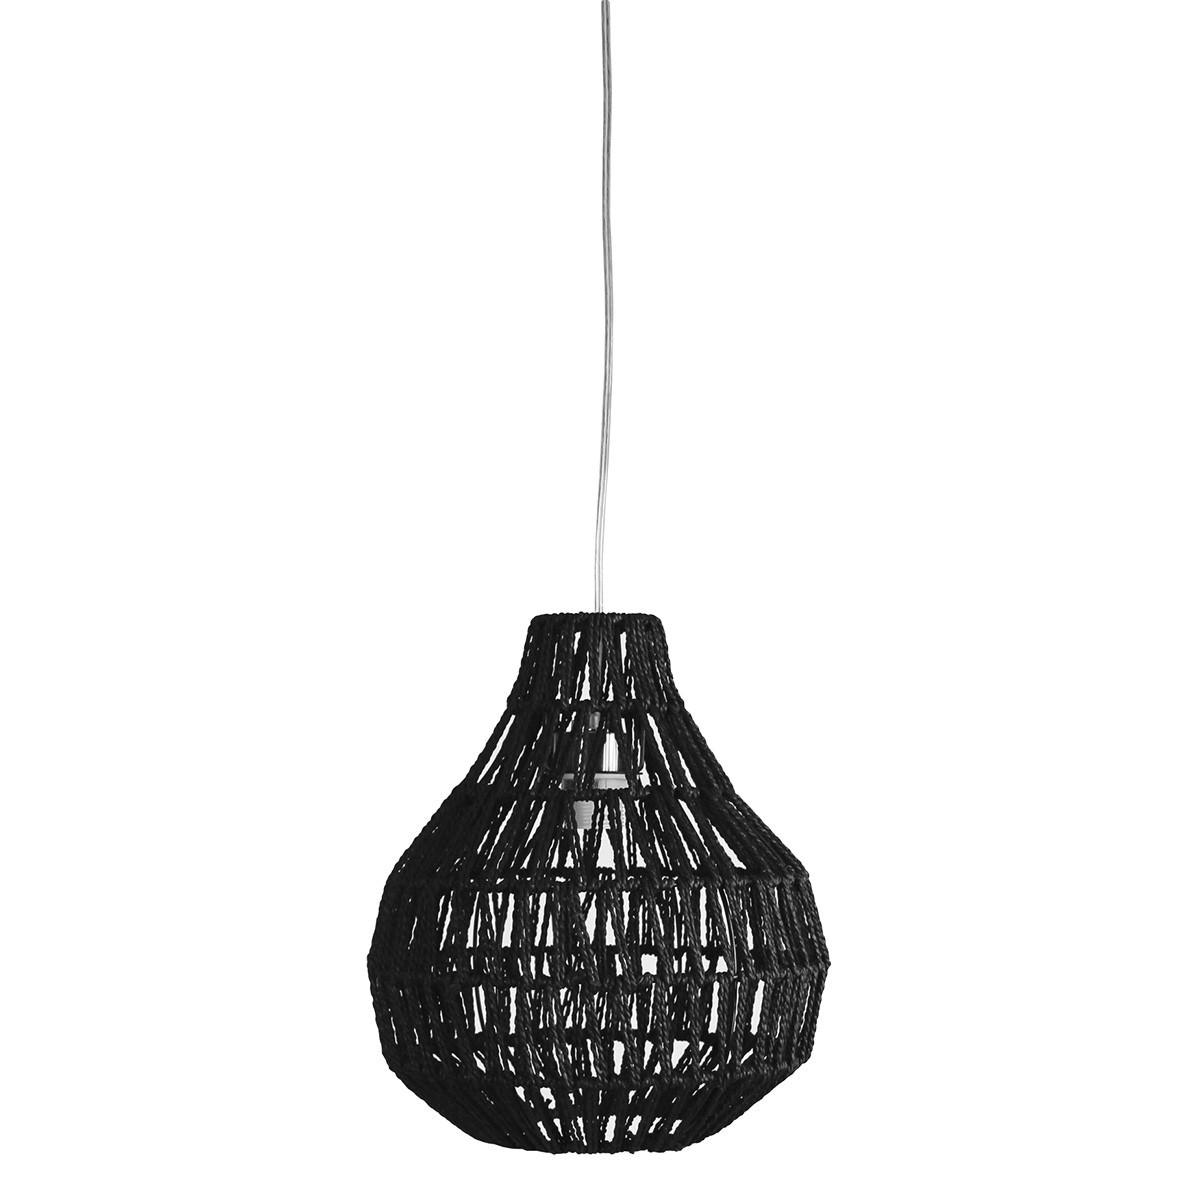 Cooper Woven String Pendant Light Shade Only, 30cm, Black